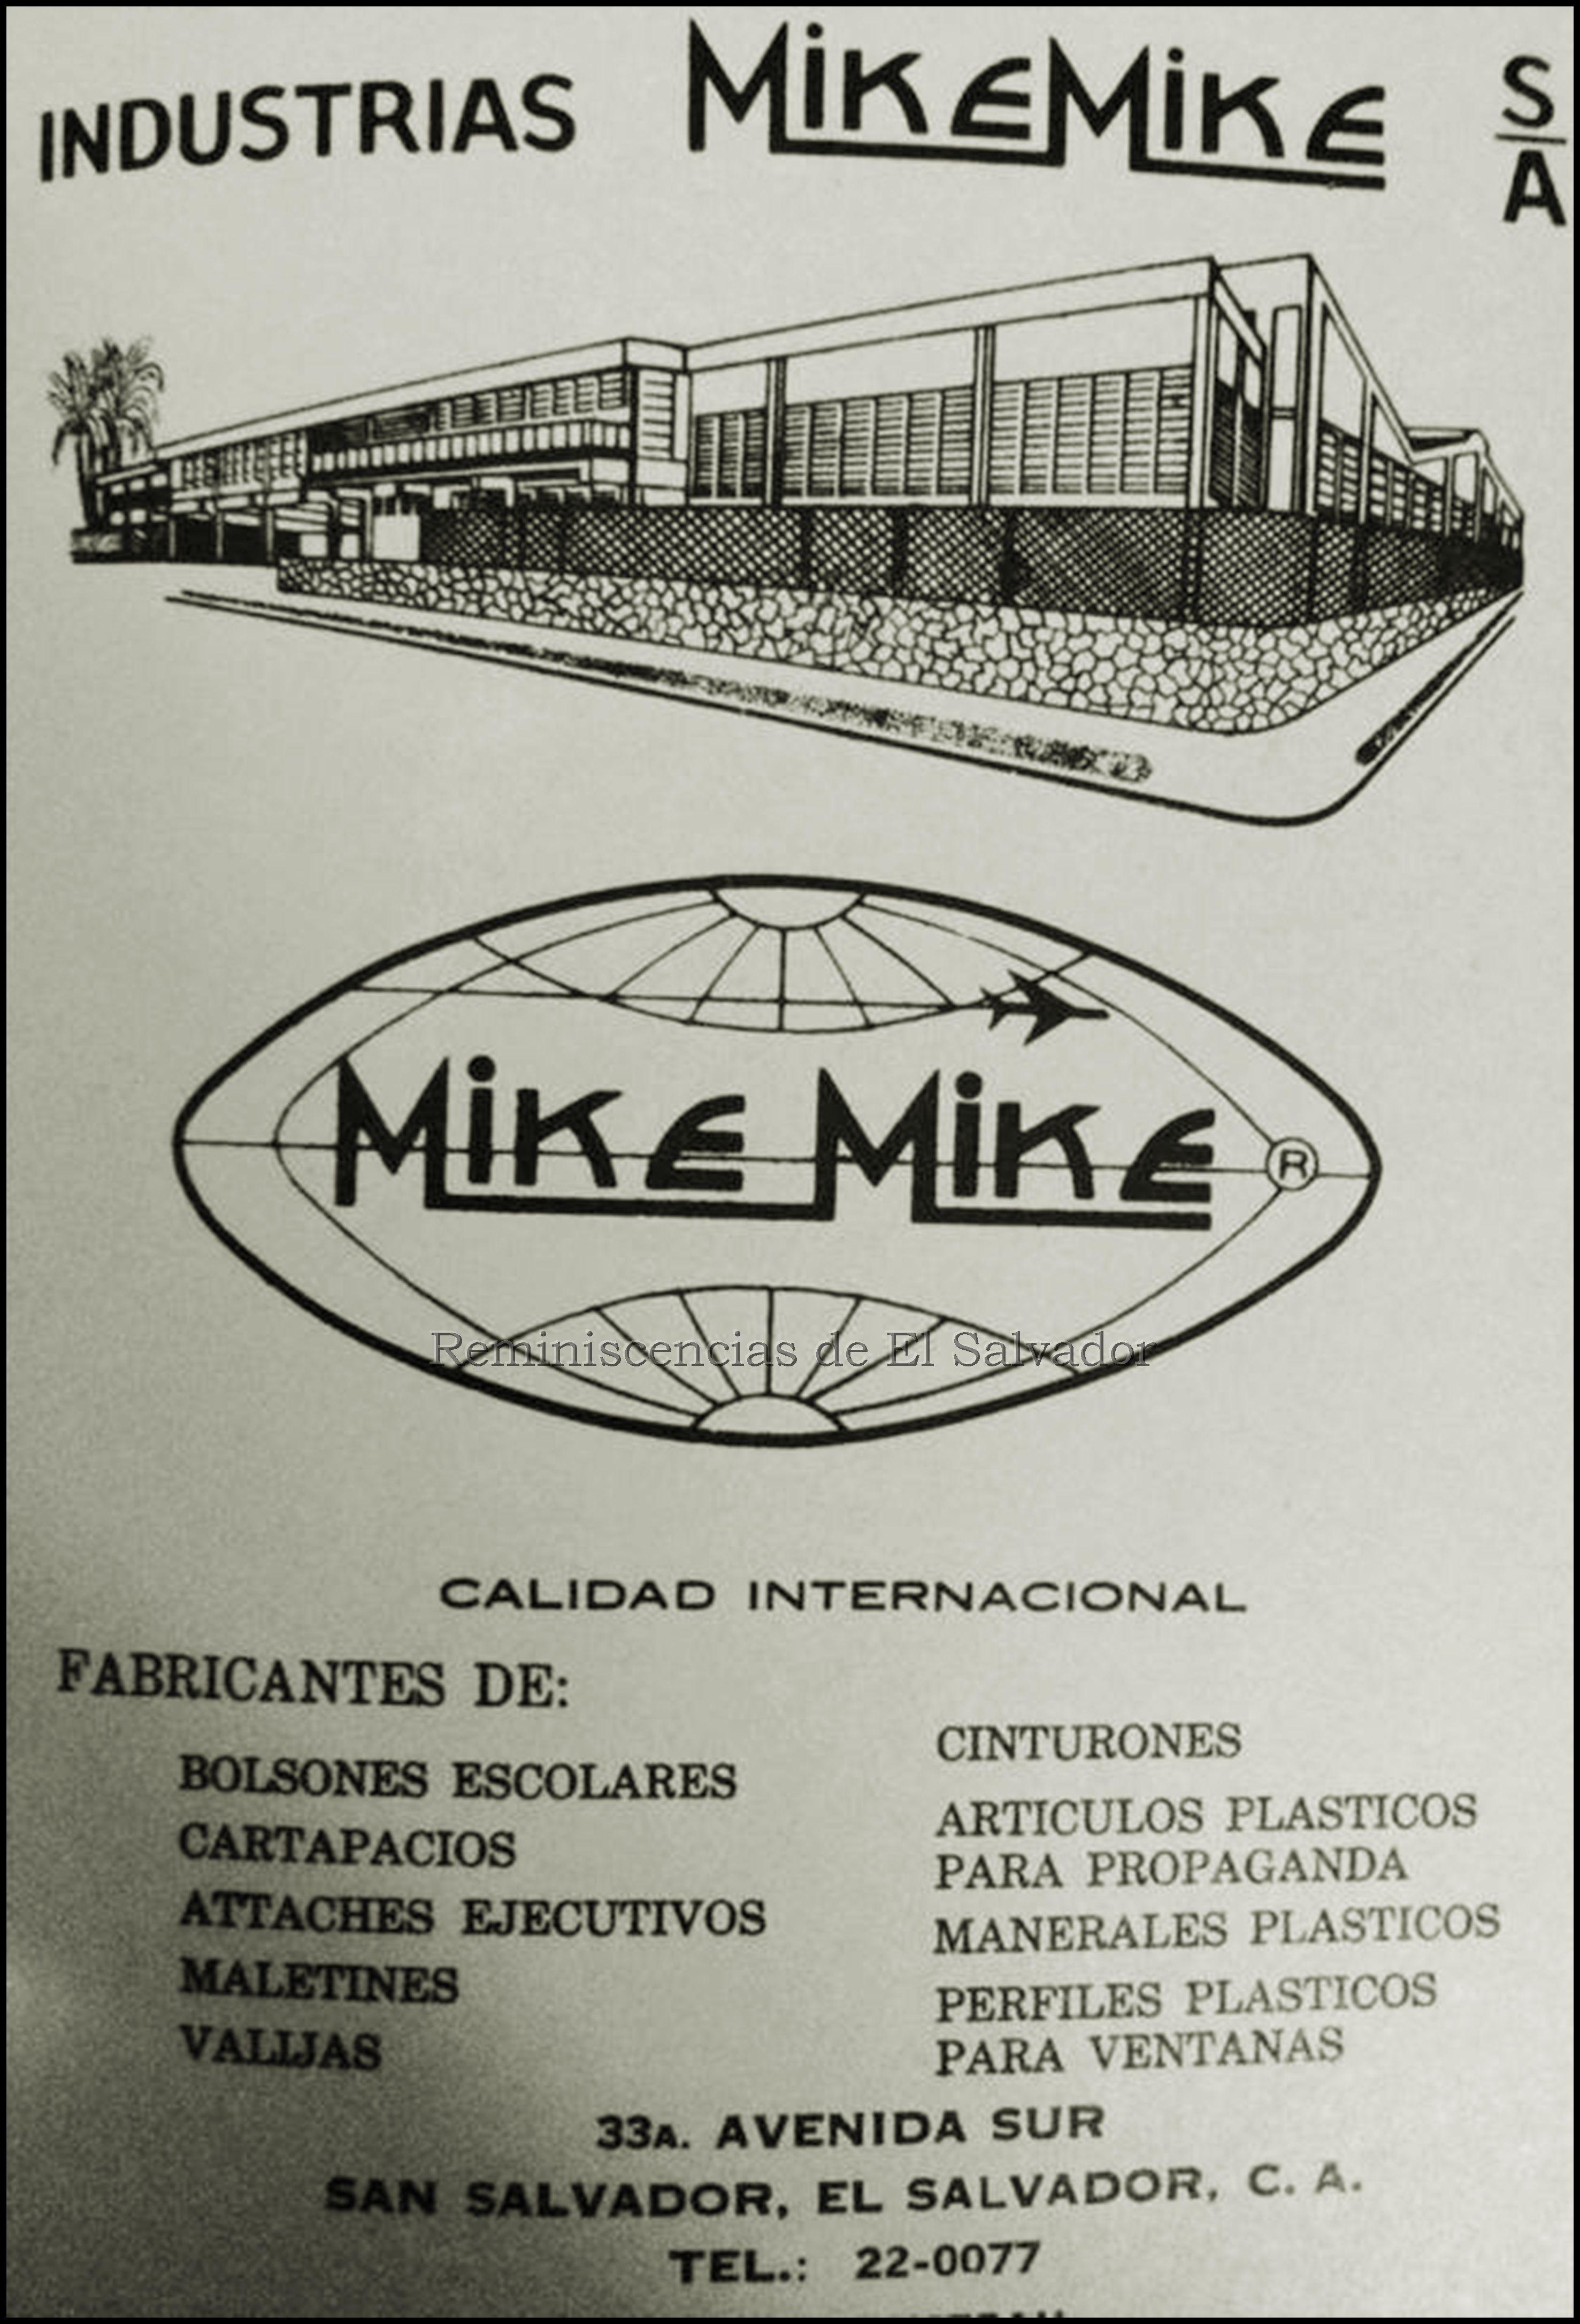 Mike-Mike, empresa, fundada en 1965 por Miguel Elías Miguel, en el ...